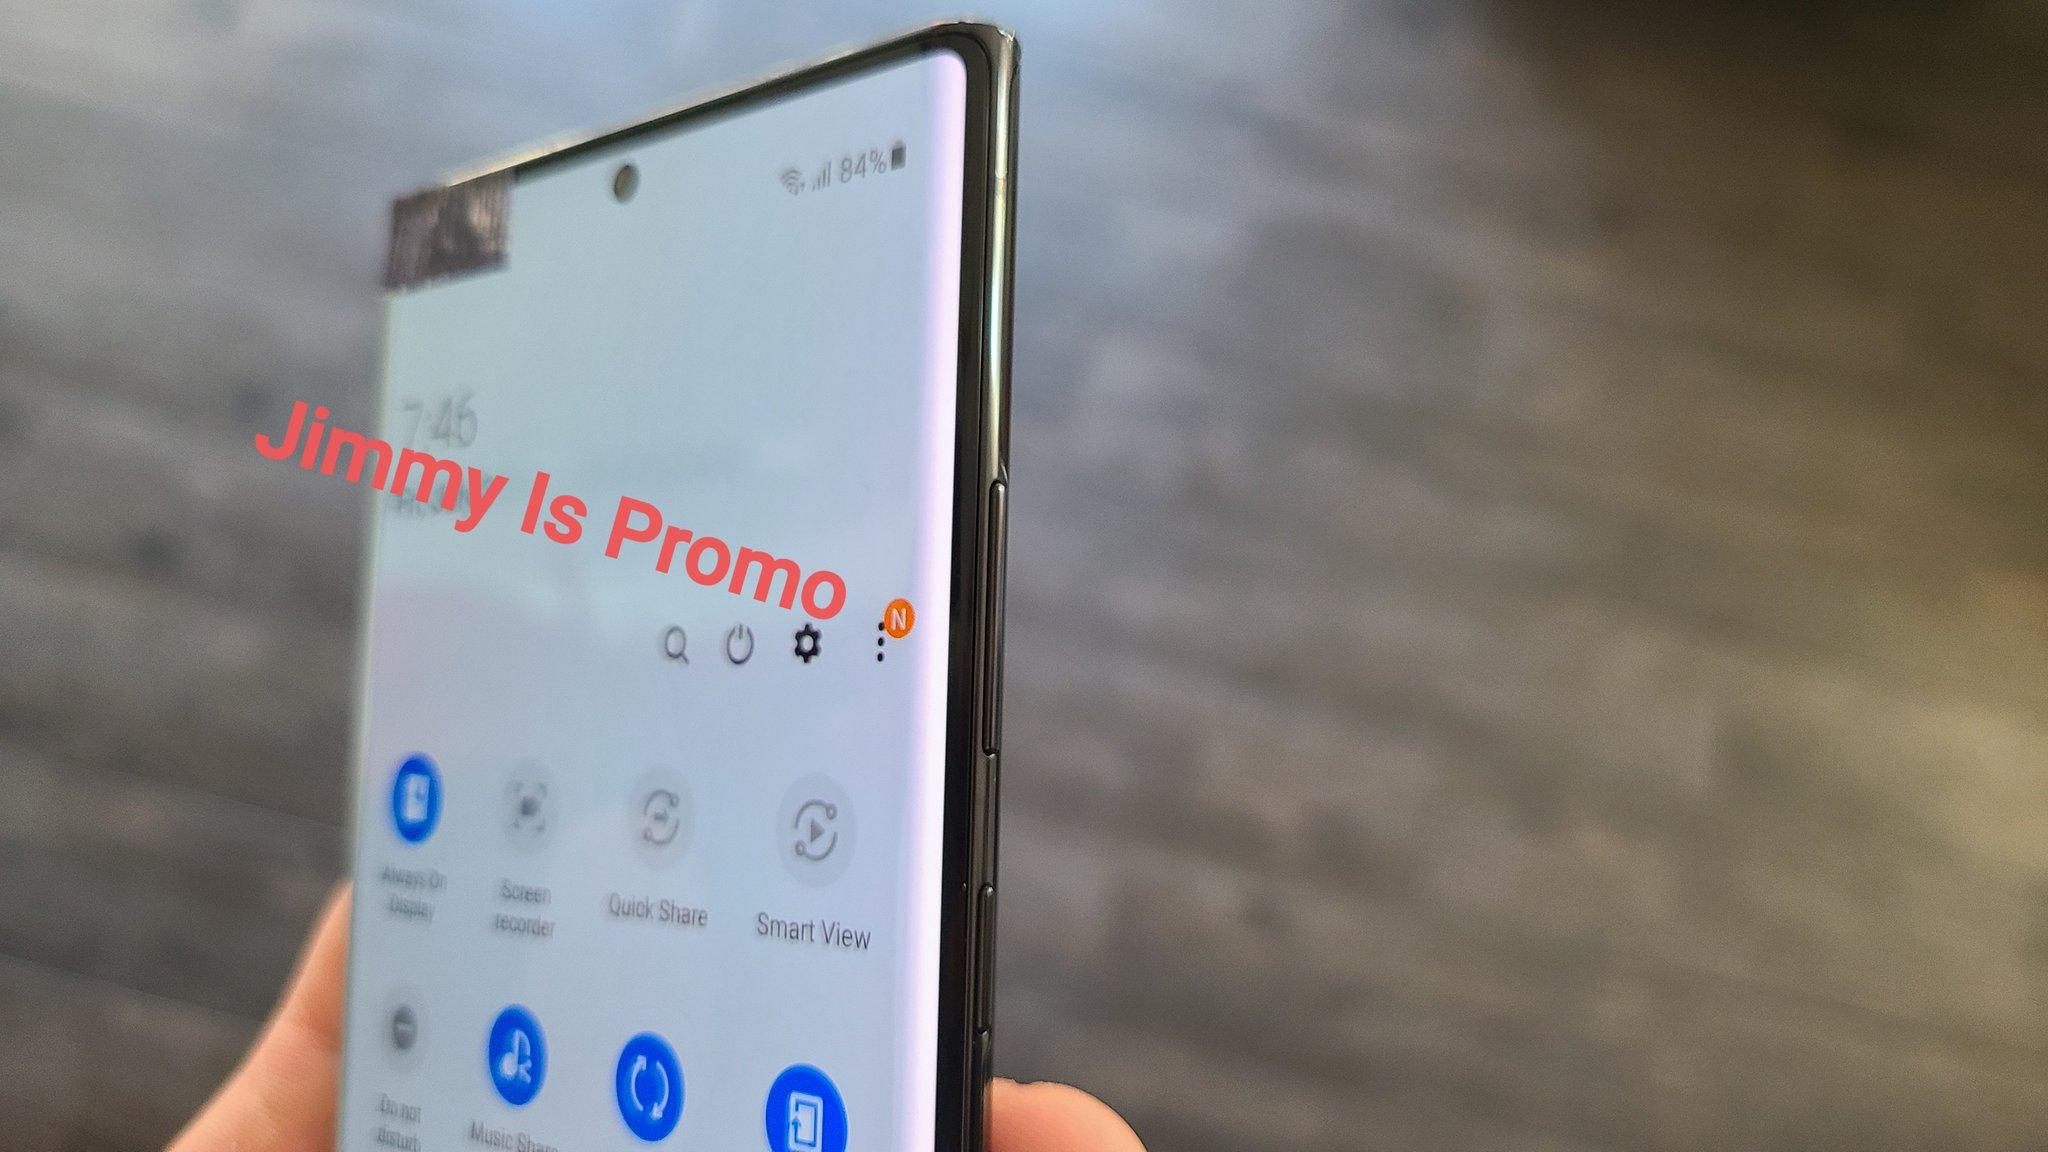 zdjęcia Samsung Galaxy Note 20 Ultra kiedy premiera cena plotki przecieki wycieki specyfikacja dane techniczne